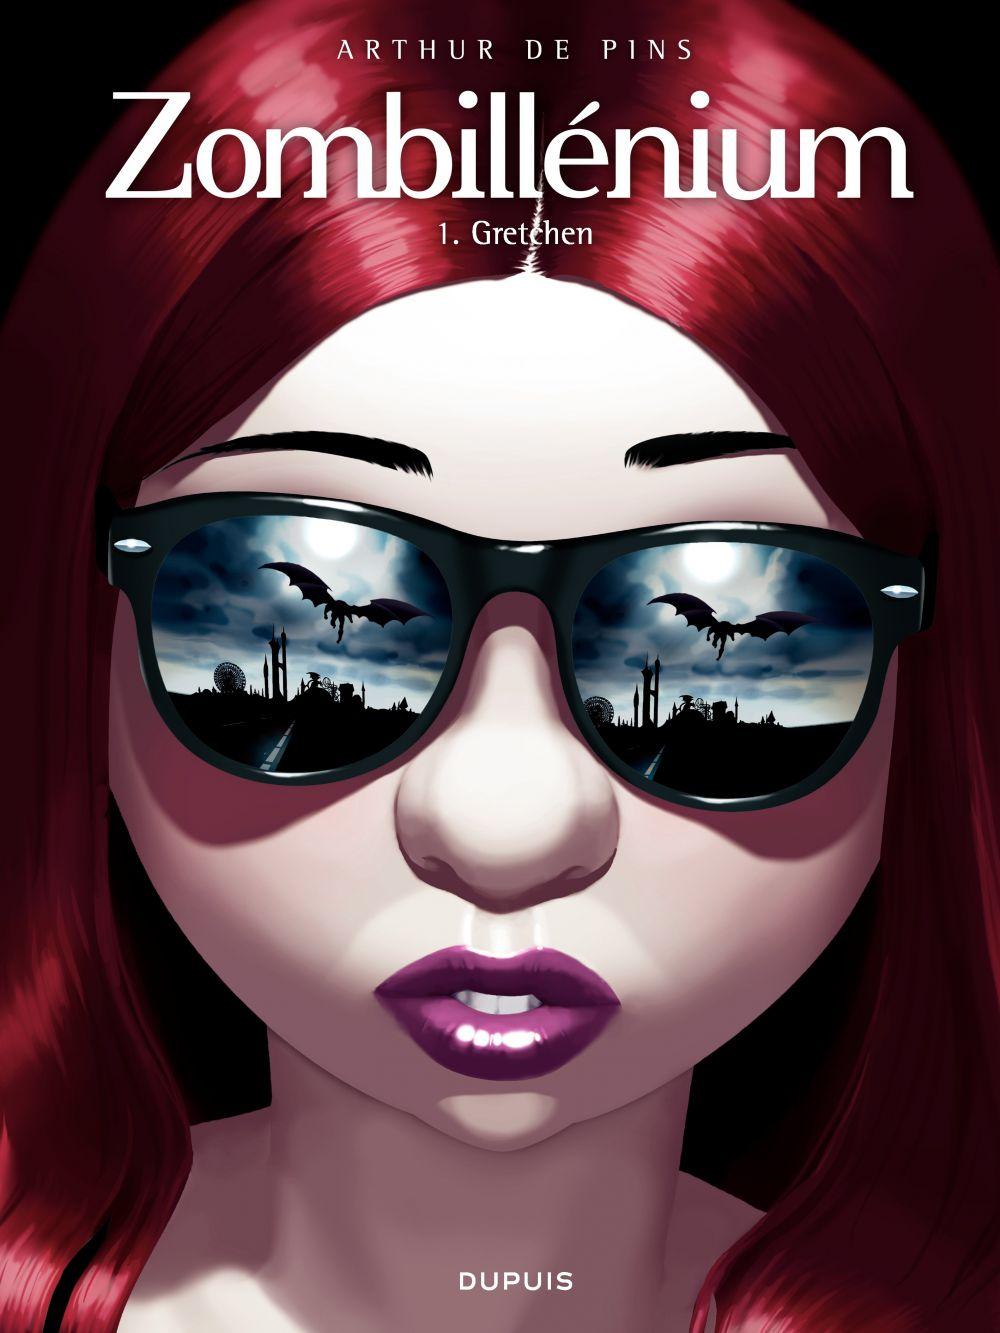 Zombillénium – tome 1 - Gretchen | De Pins, Arthur. Auteur